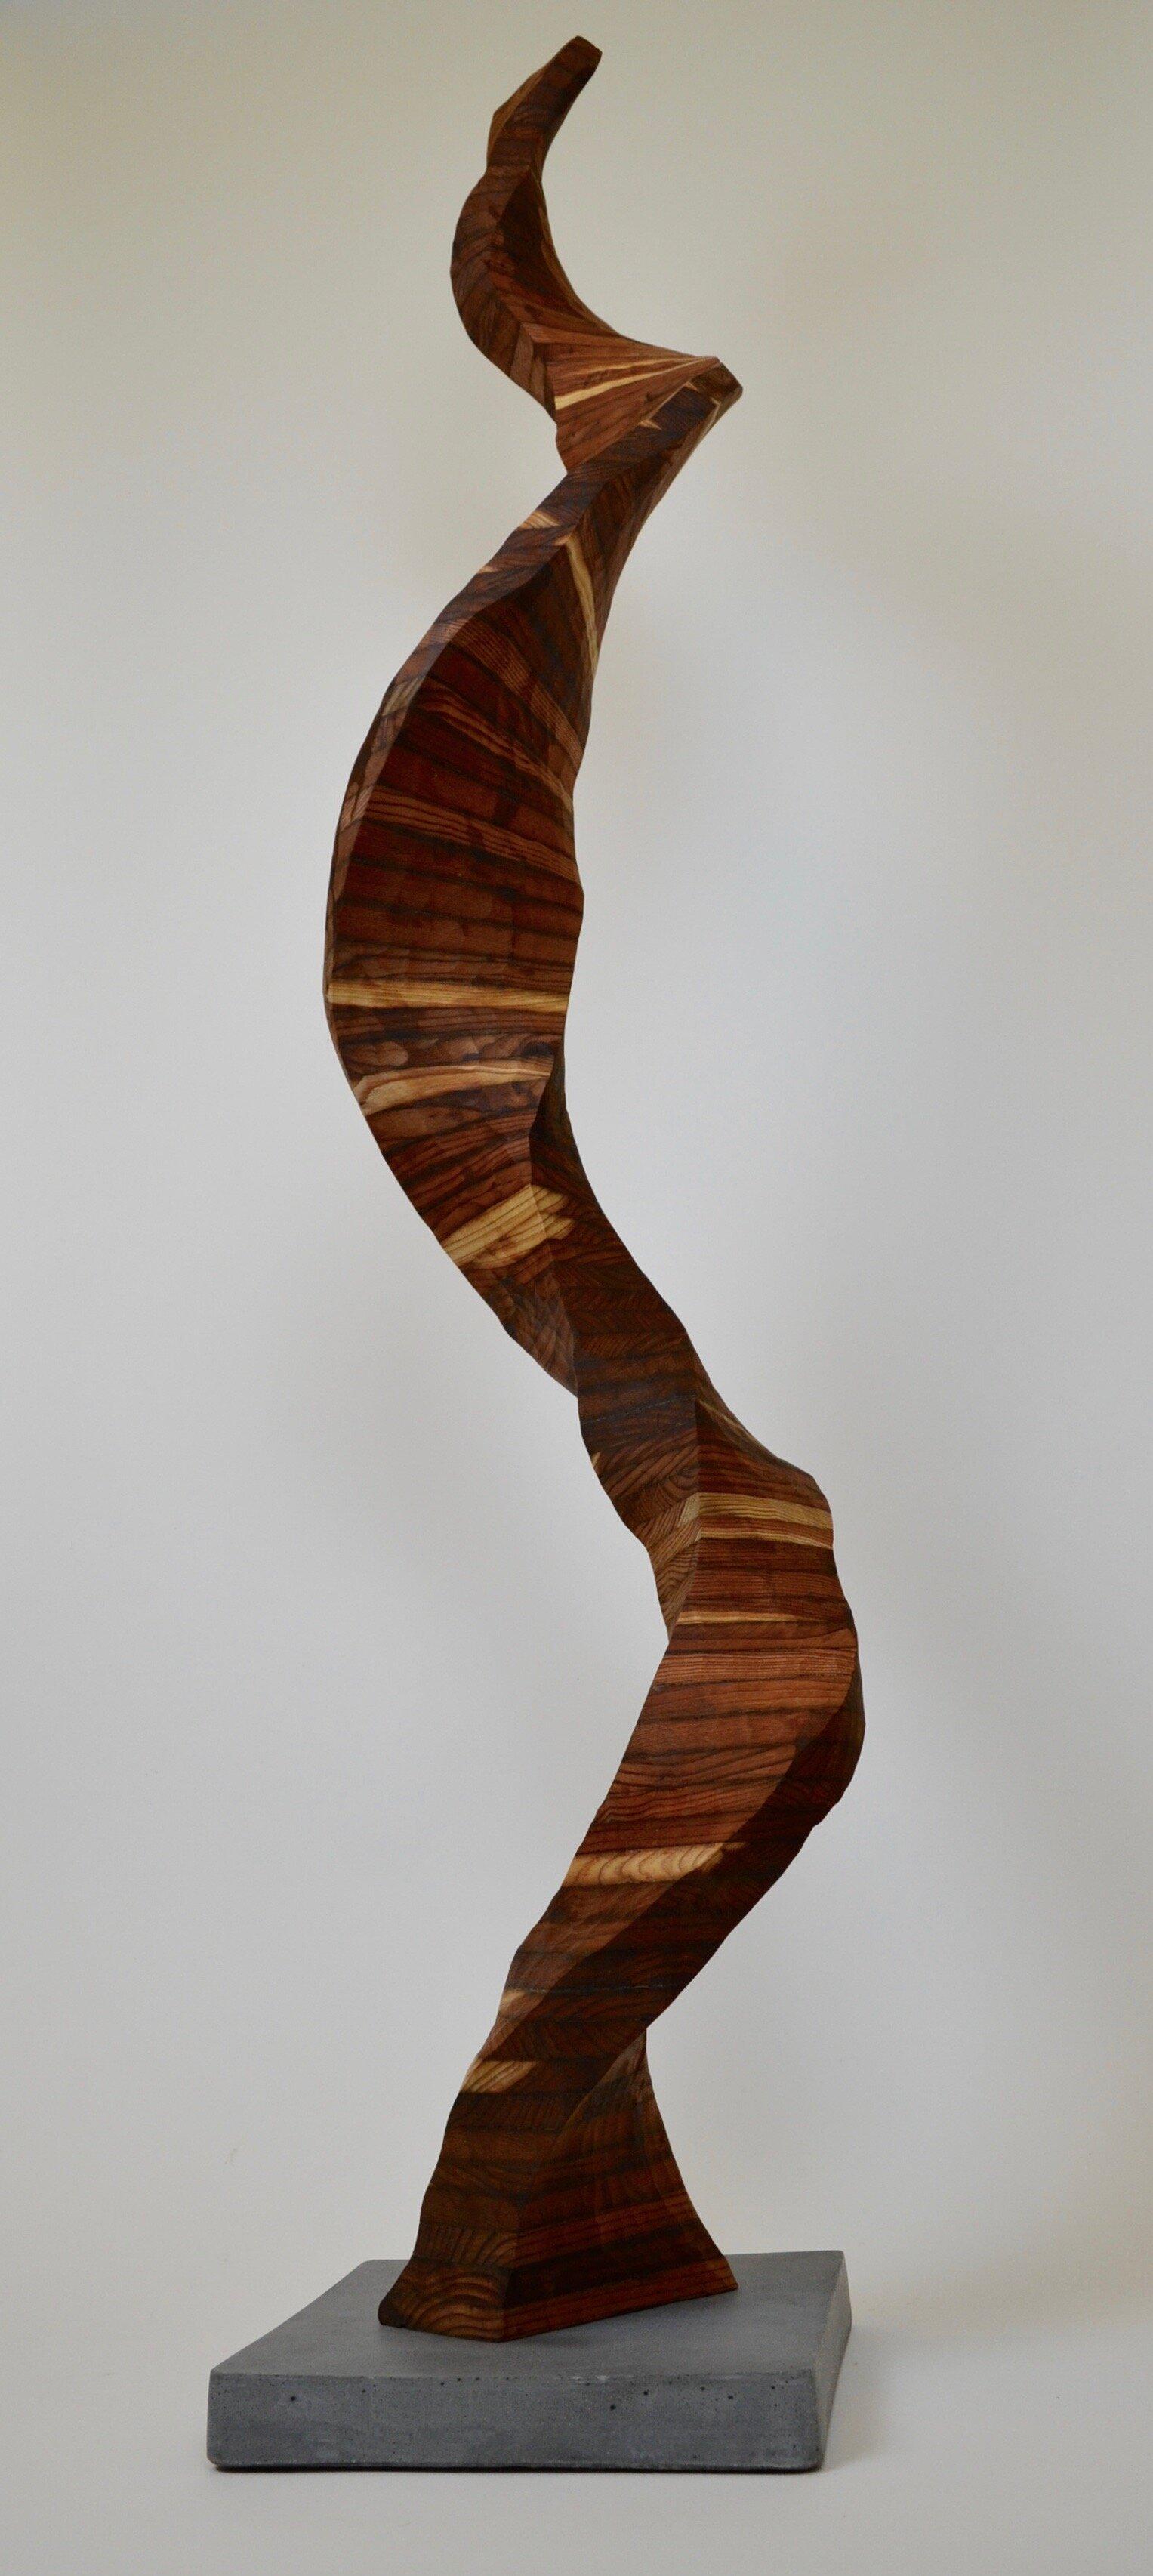 Helix-wood-sculpture-by-Lutz-Hornischer.jpg